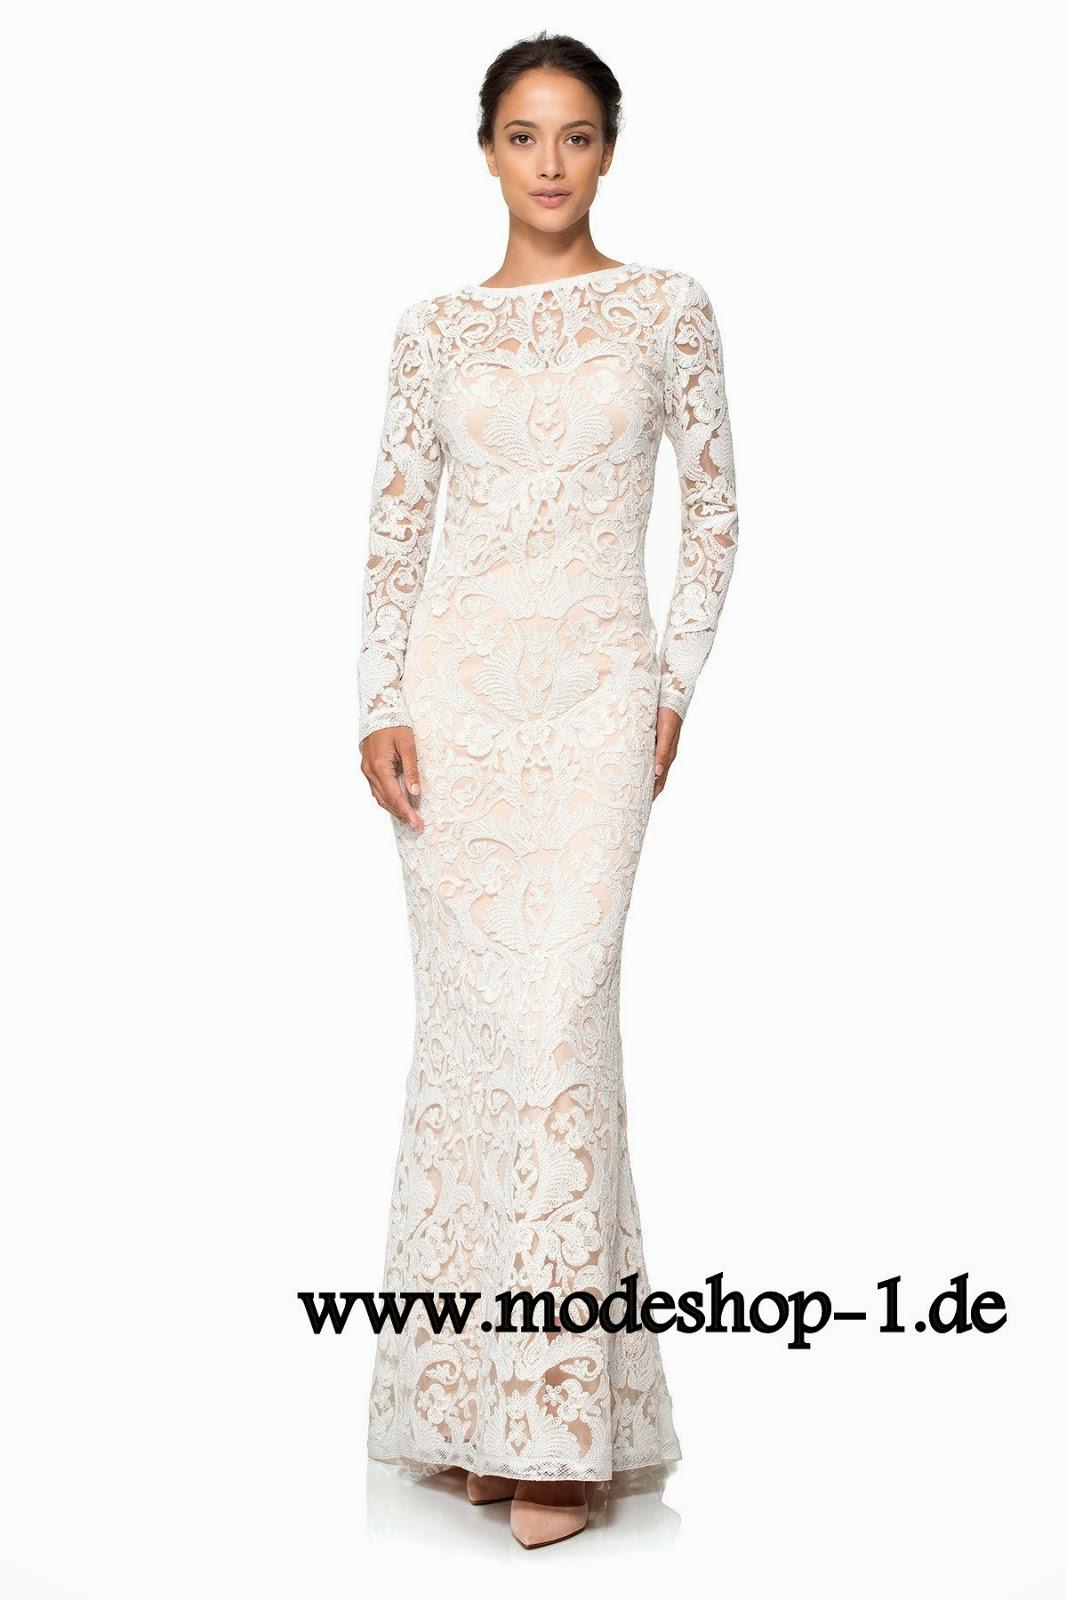 Abendkleider Mode Shop Nr1: Langarm Spitzen Brautkleid Online